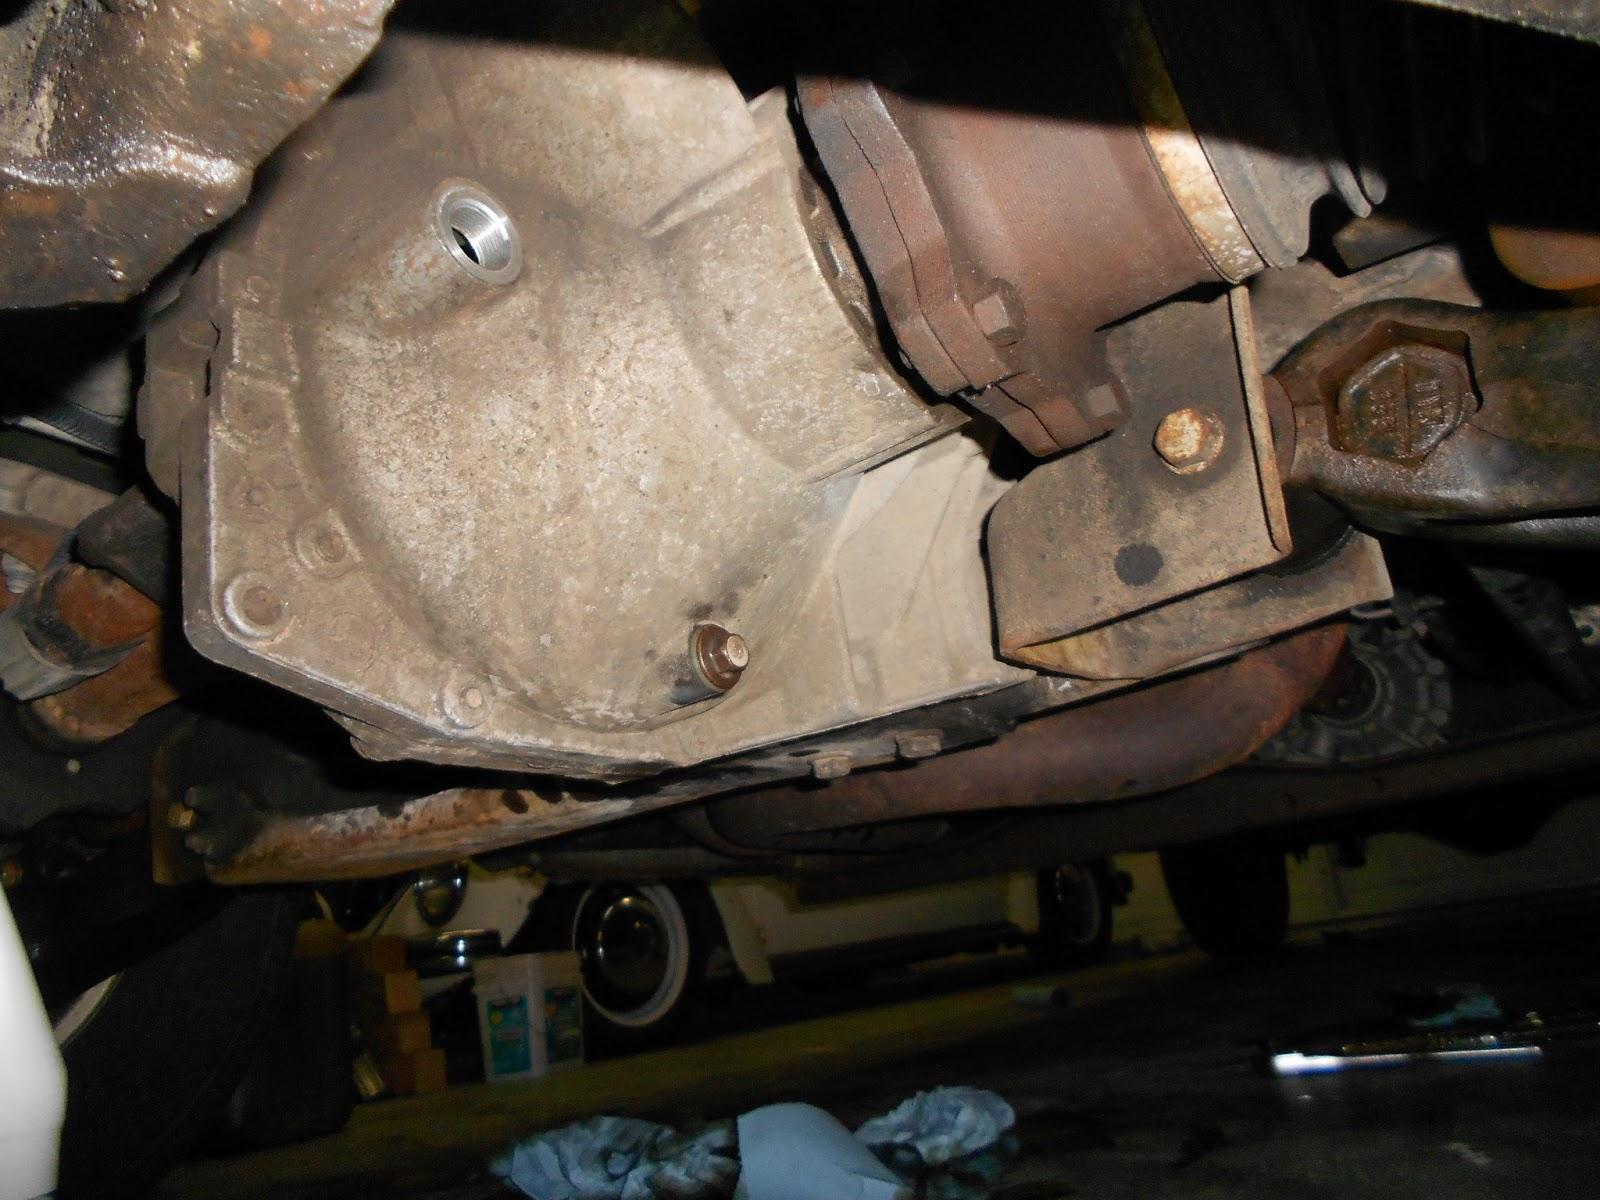 2003 chevy silverado 1500 hd transmission fluid type